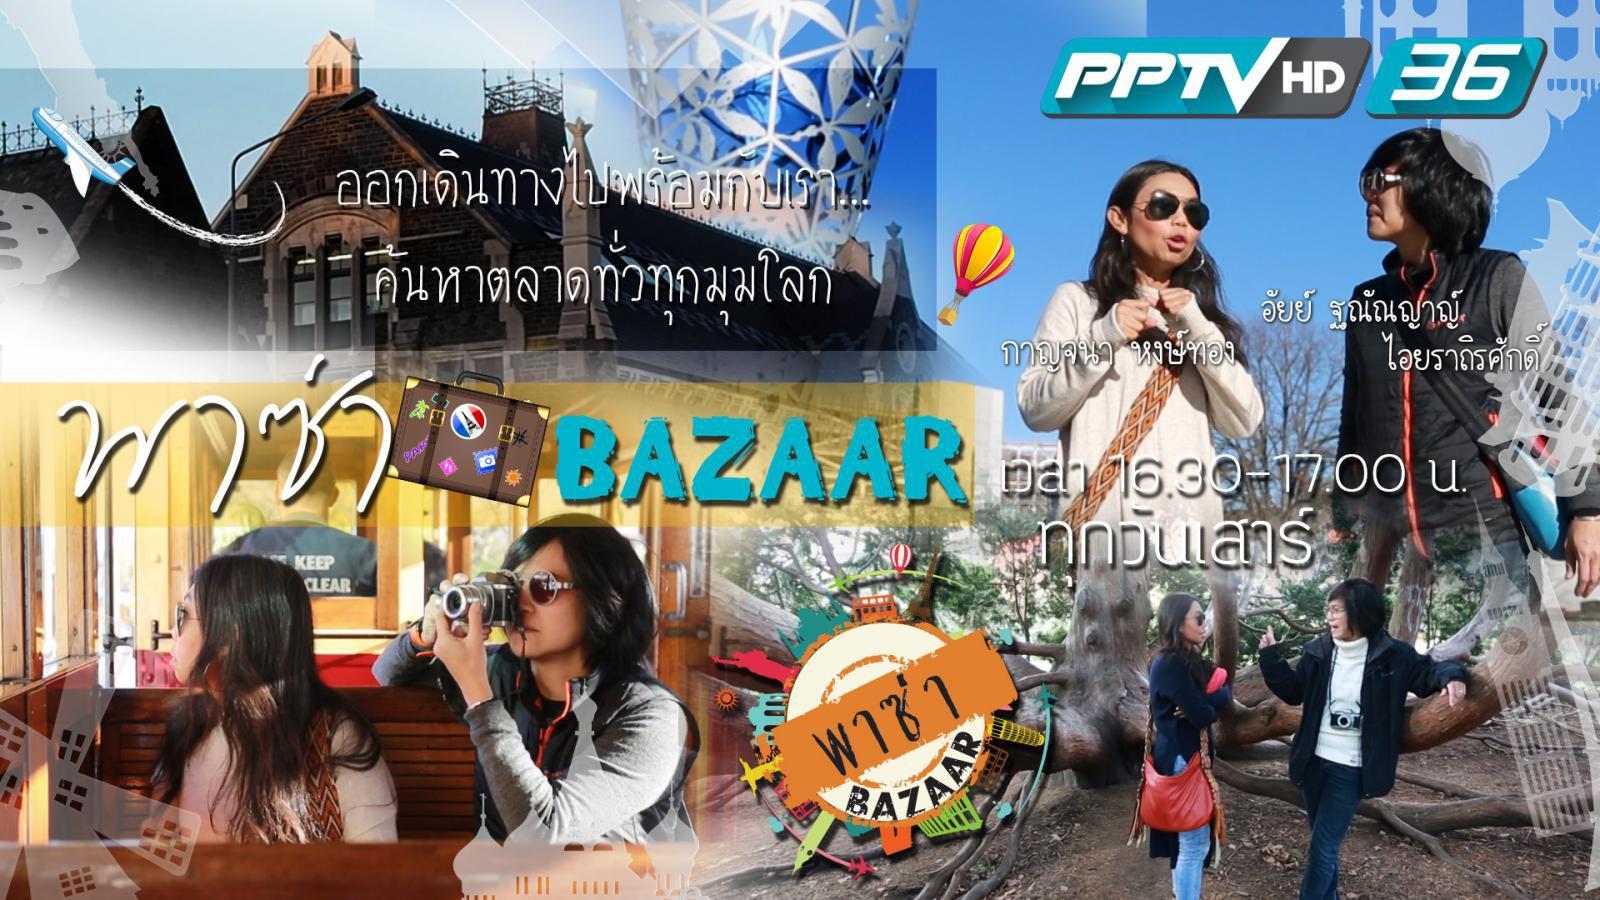 พาซ่า Bazaar